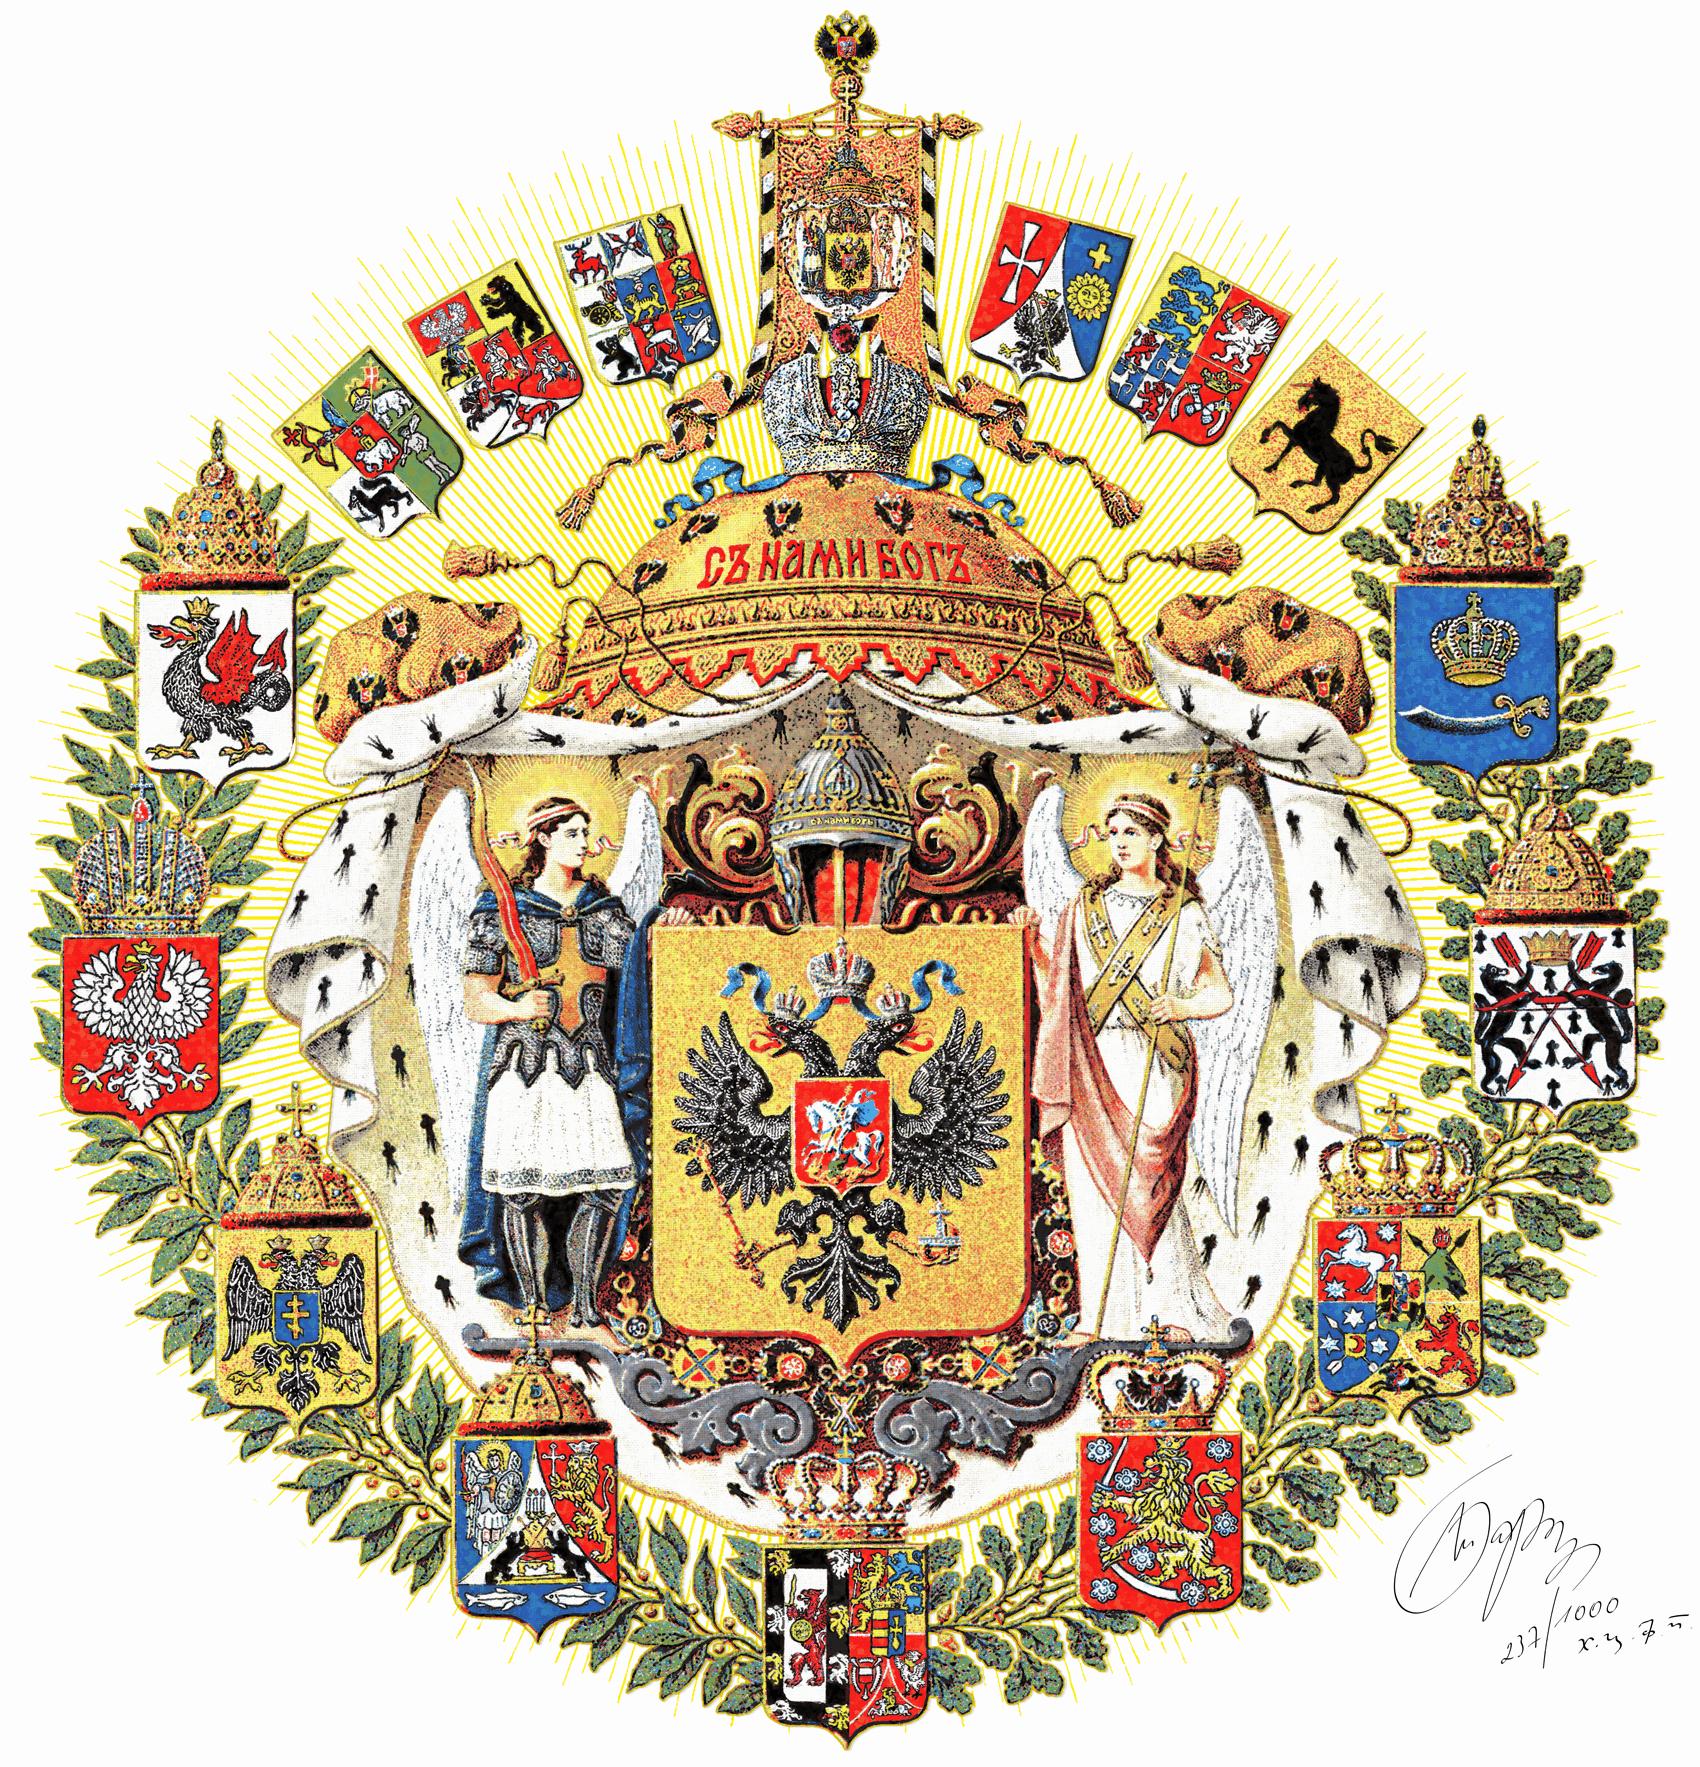 Новая прорись Большого герба Российской империи Художника И.И.Барбэ 2006